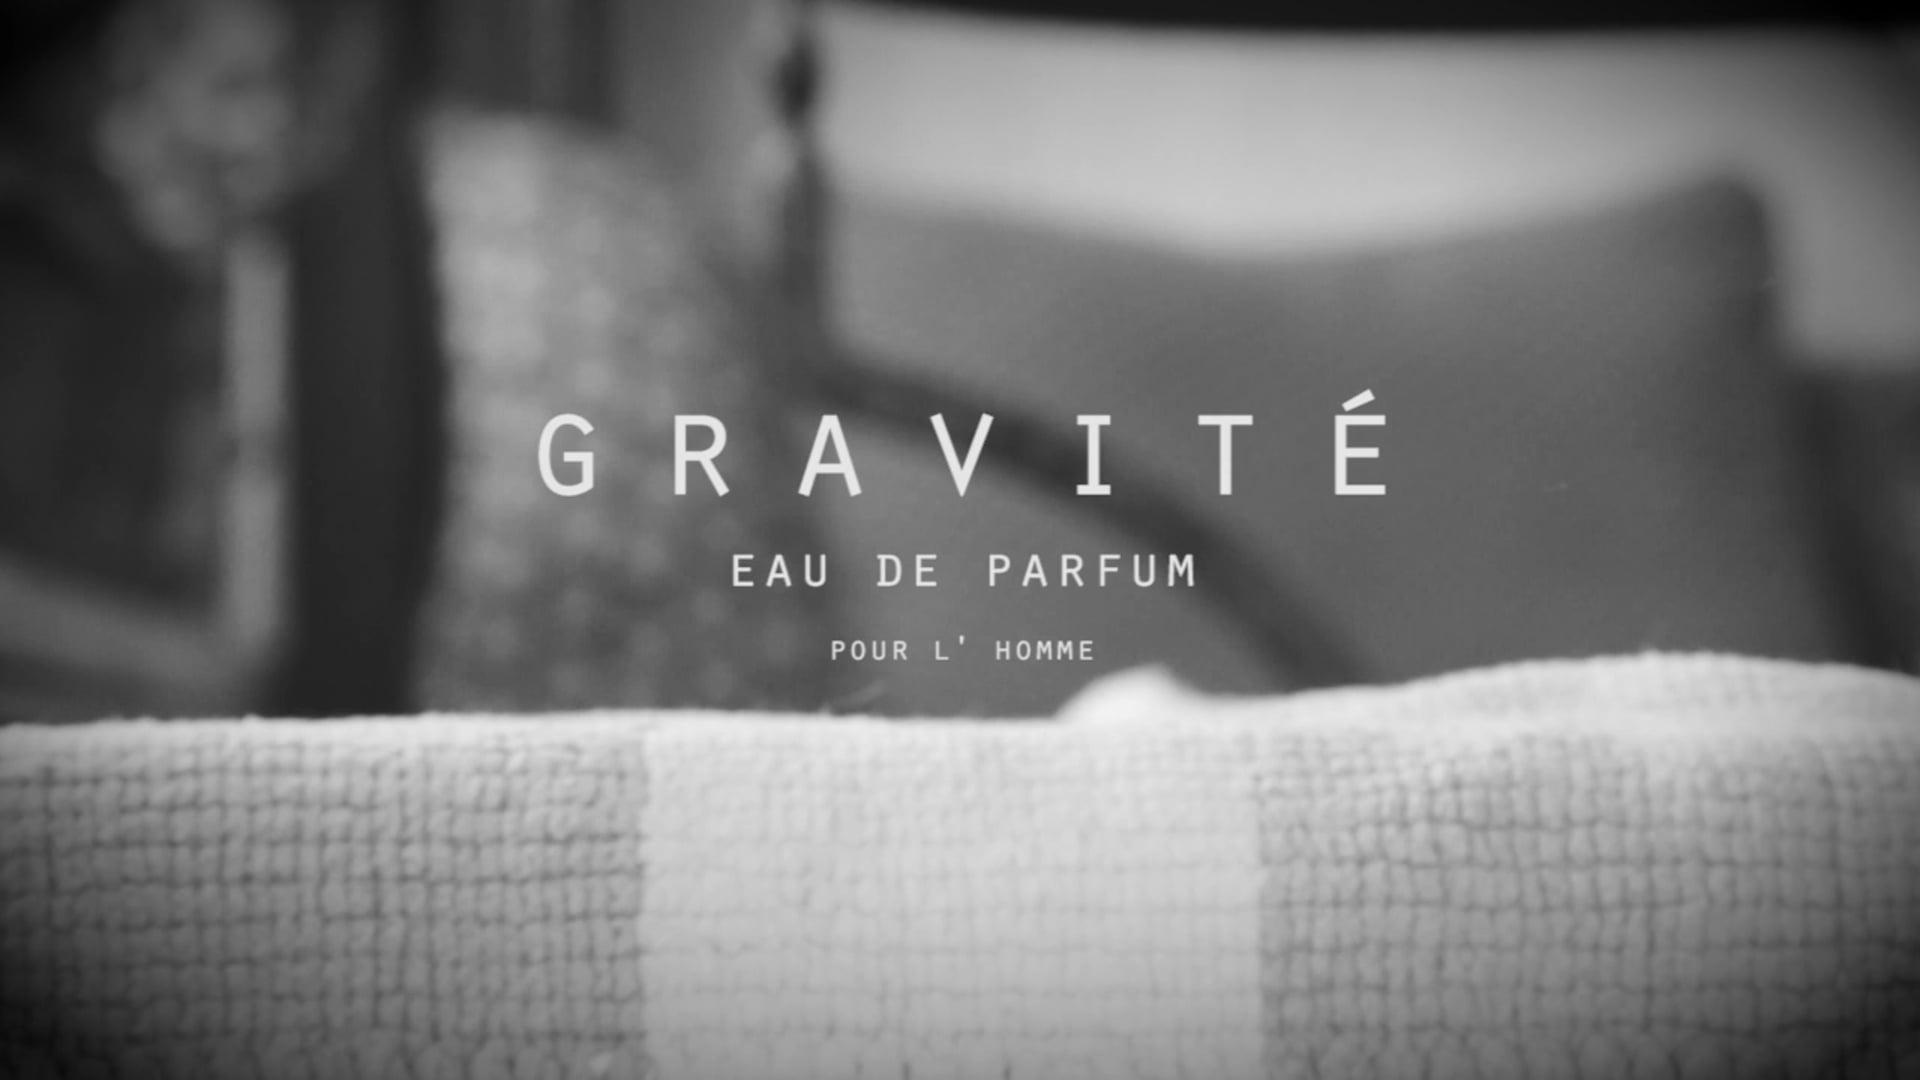 Gravité | Eau de parfum commercial (official)